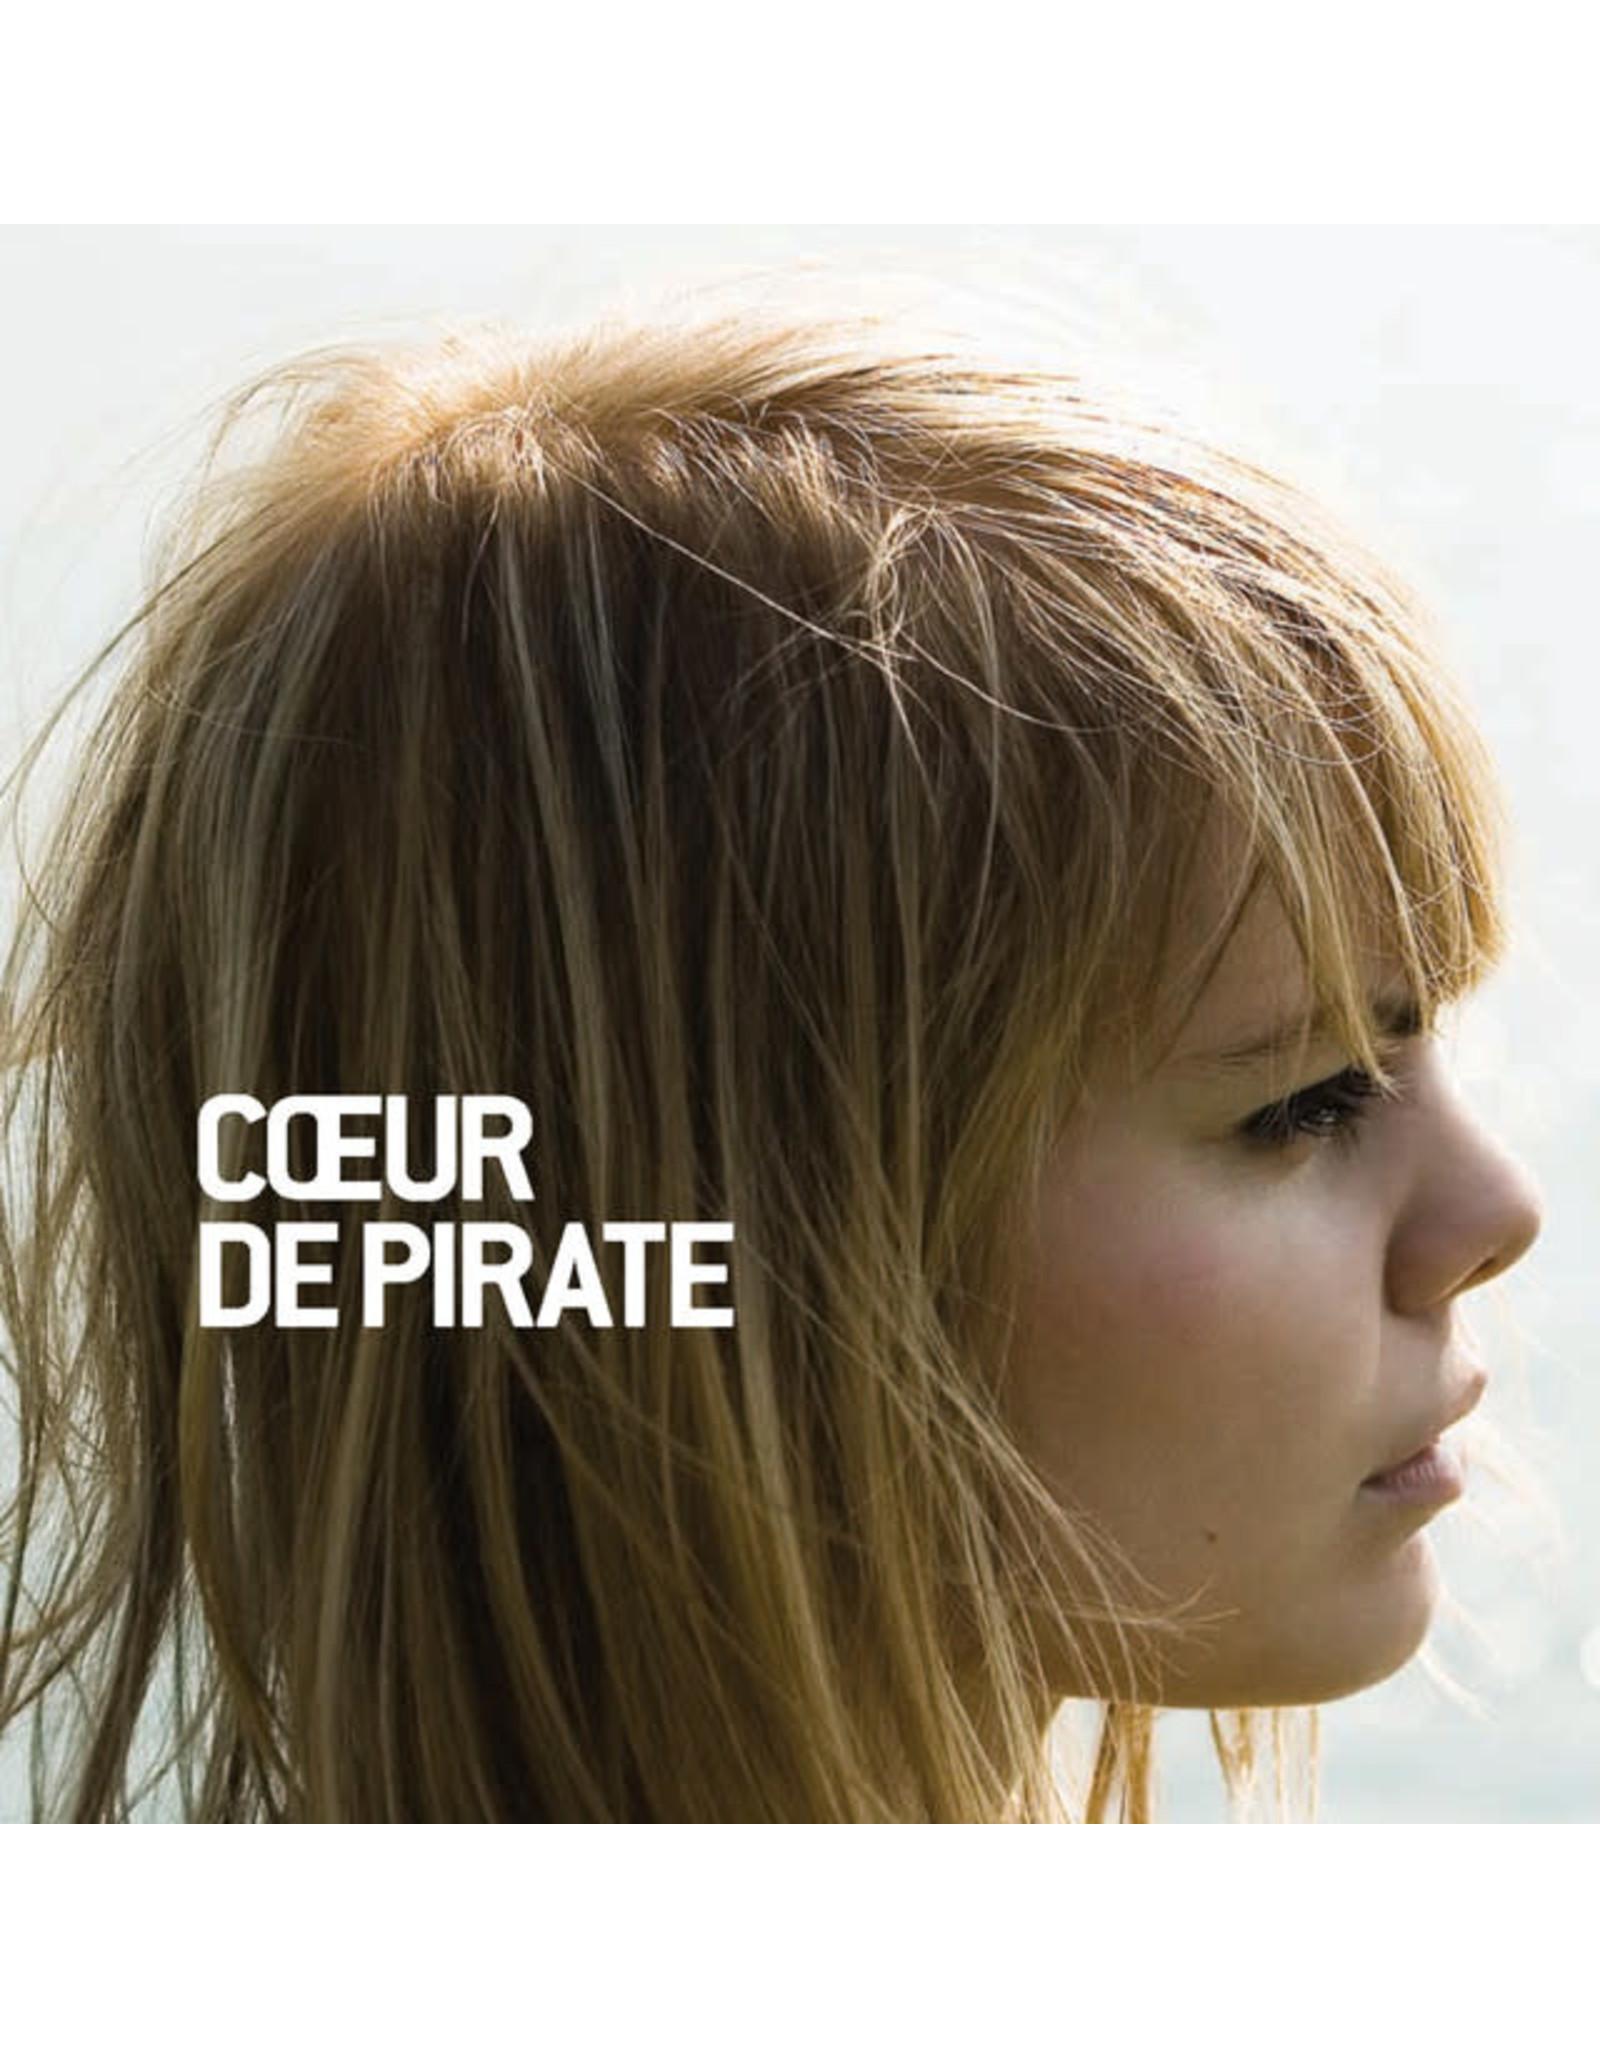 Coeur De Pirate - Coeur de Pirate